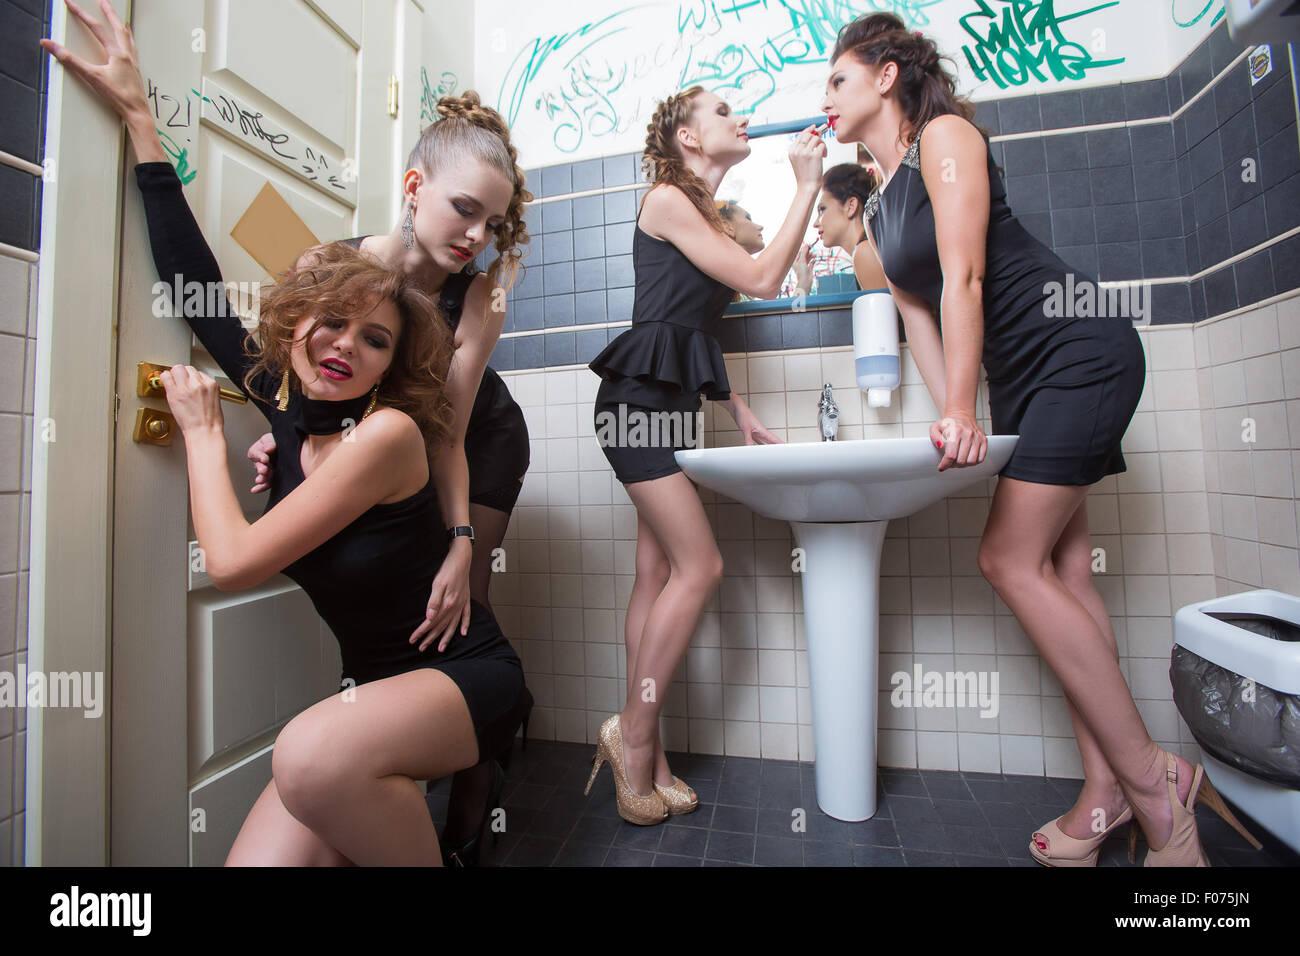 Развел на секс официантку, Пикапер развел на секс официантку 16 фотография